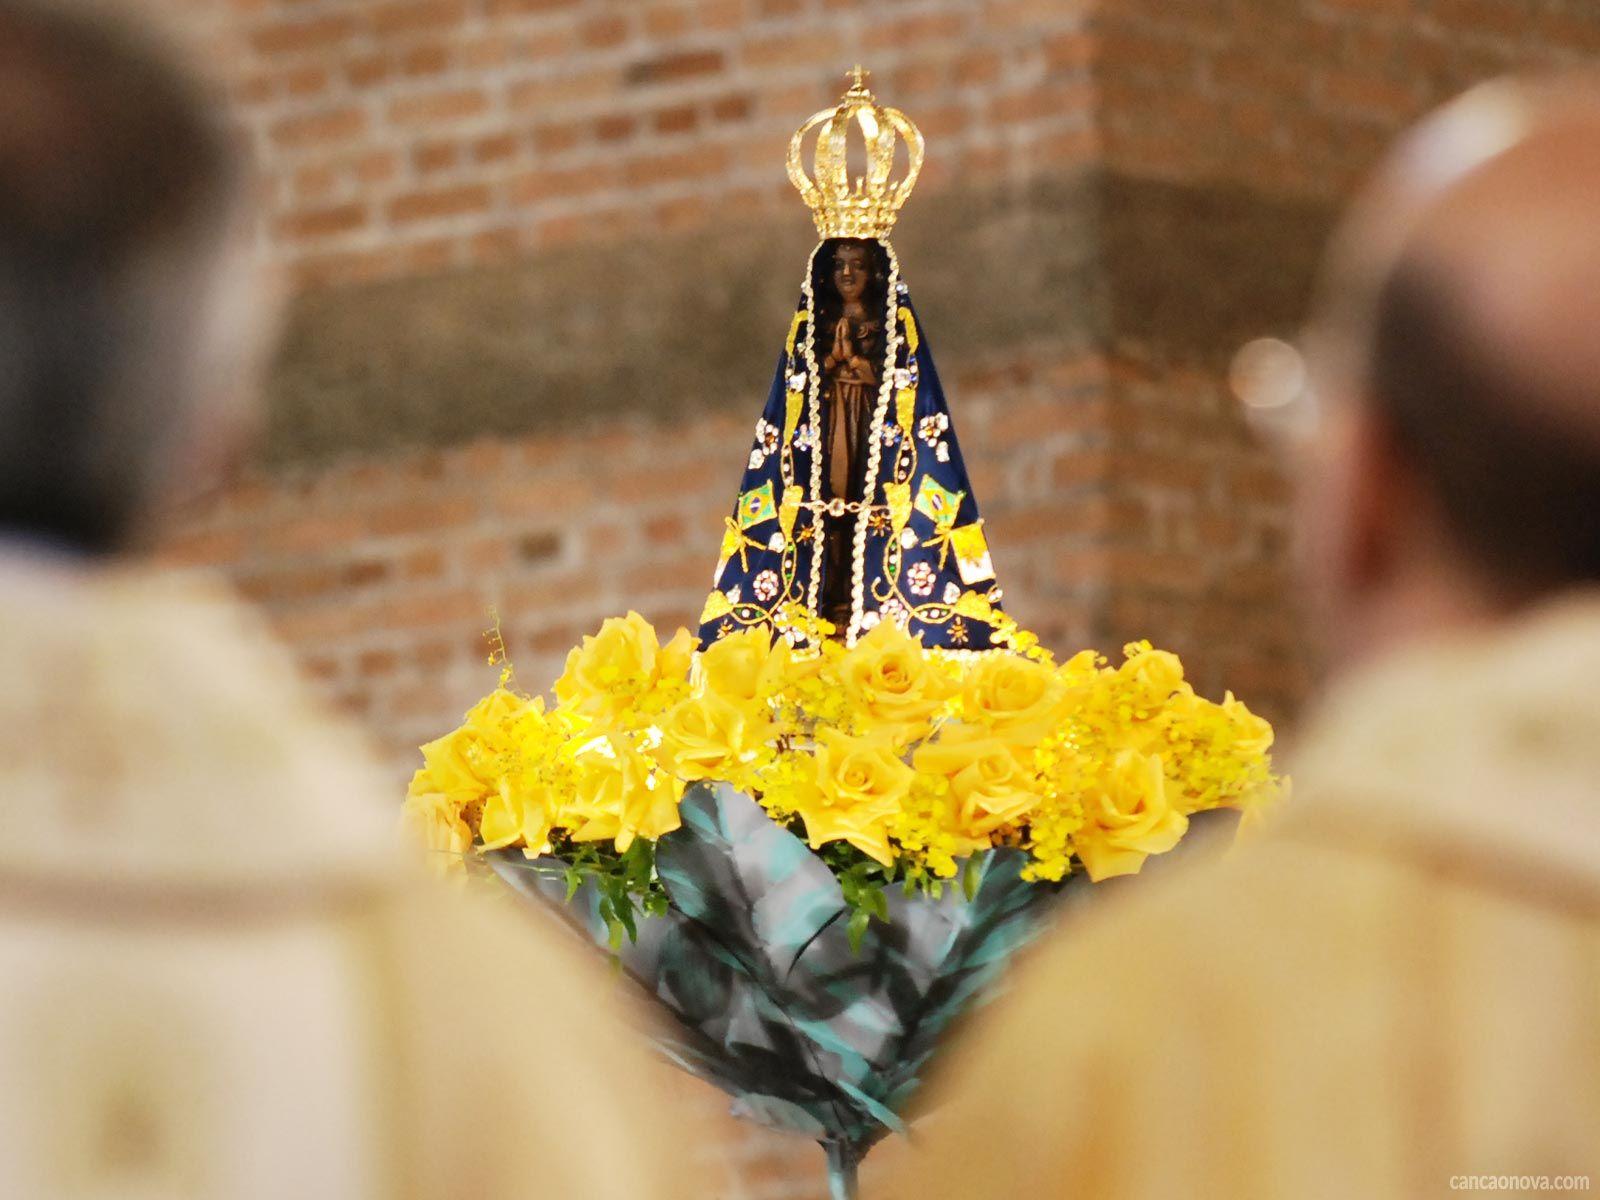 Medite O 9º Dia Da Novena A Nossa Senhora Aparecida